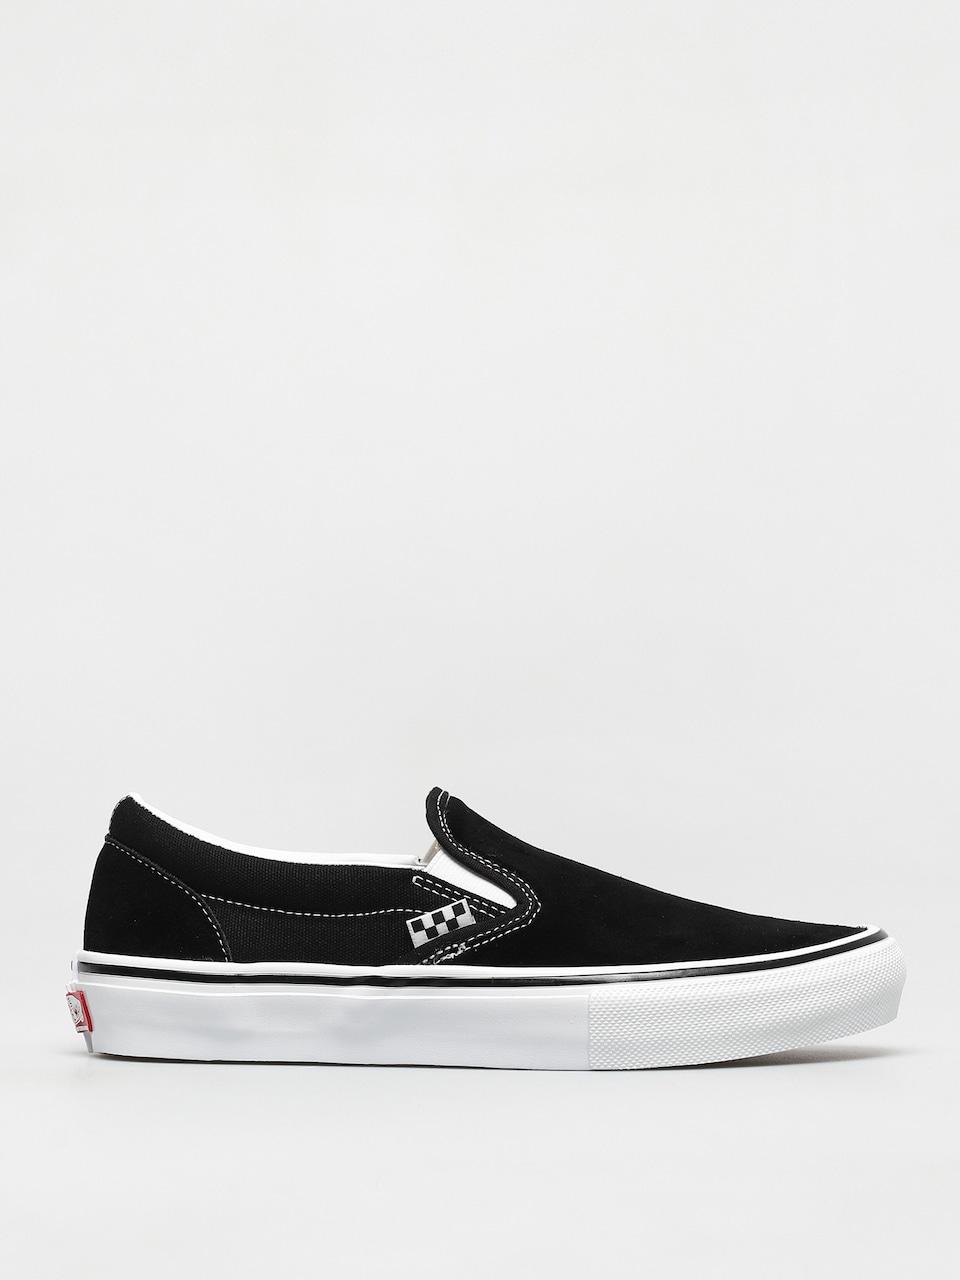 Vans Skate Slip On Shoes (black/white)